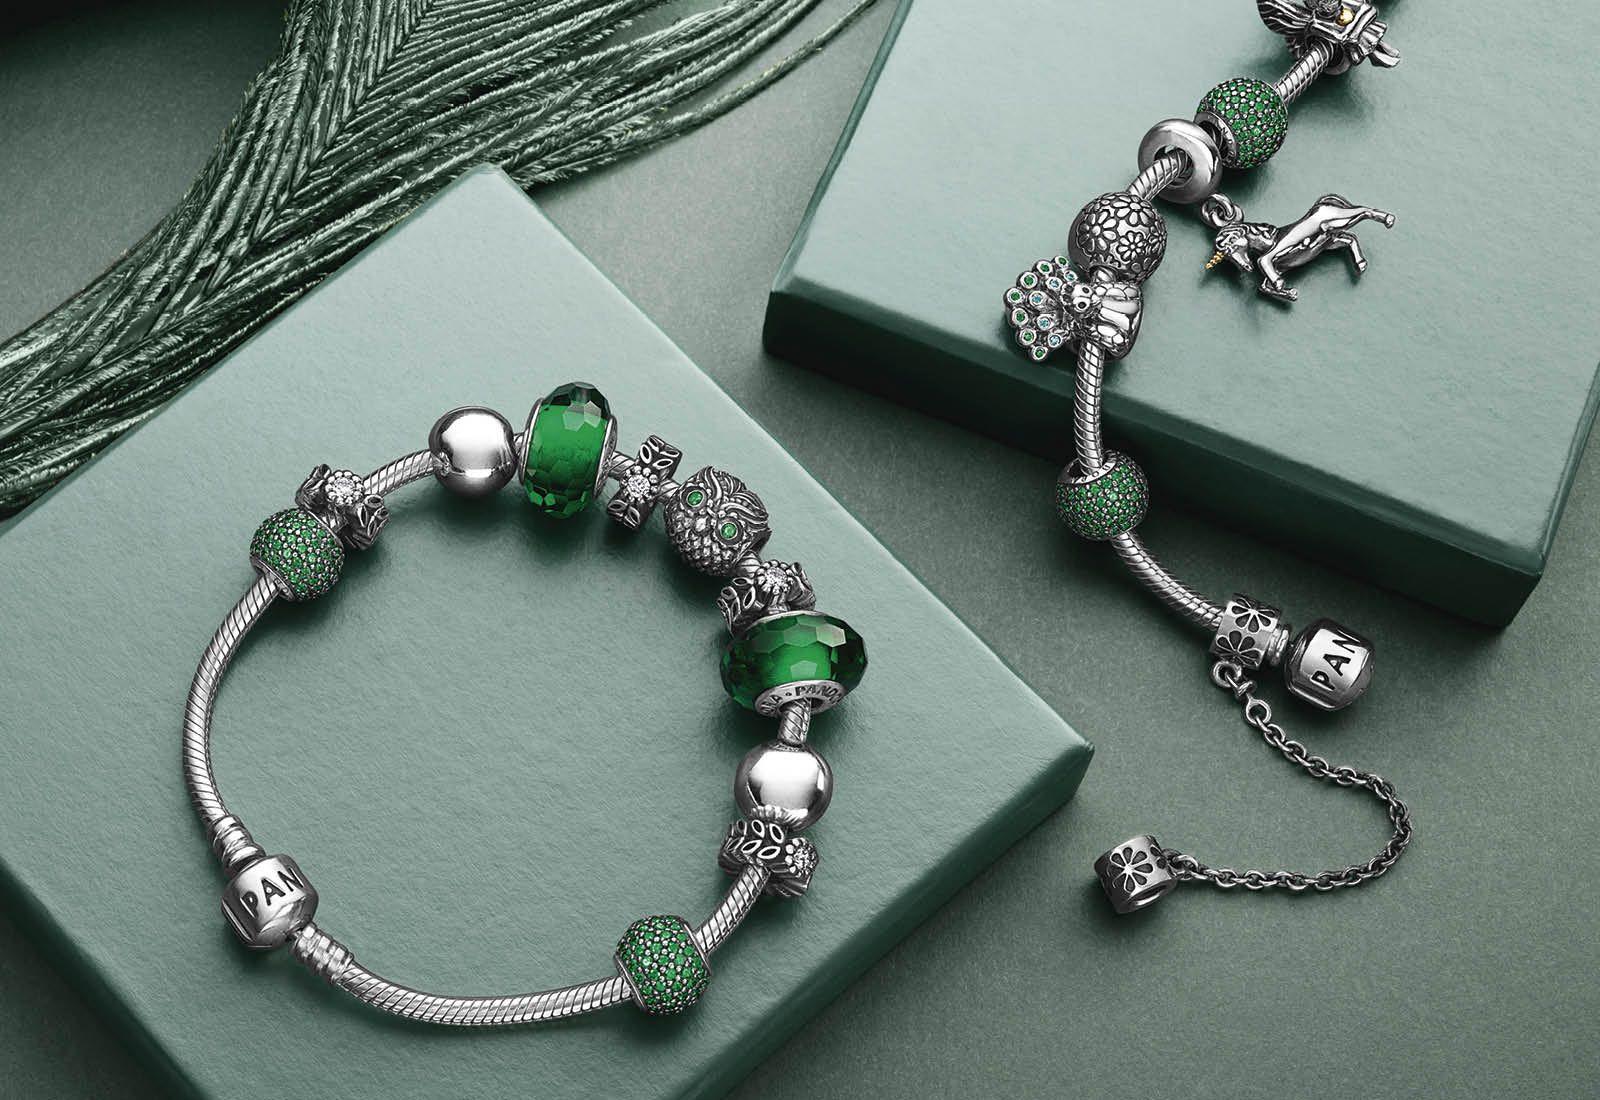 Pandora Decouvrez Le Nouveau Guide De Style Automne Bijoux Tendance Bracelet Pandora Charms Bijoux